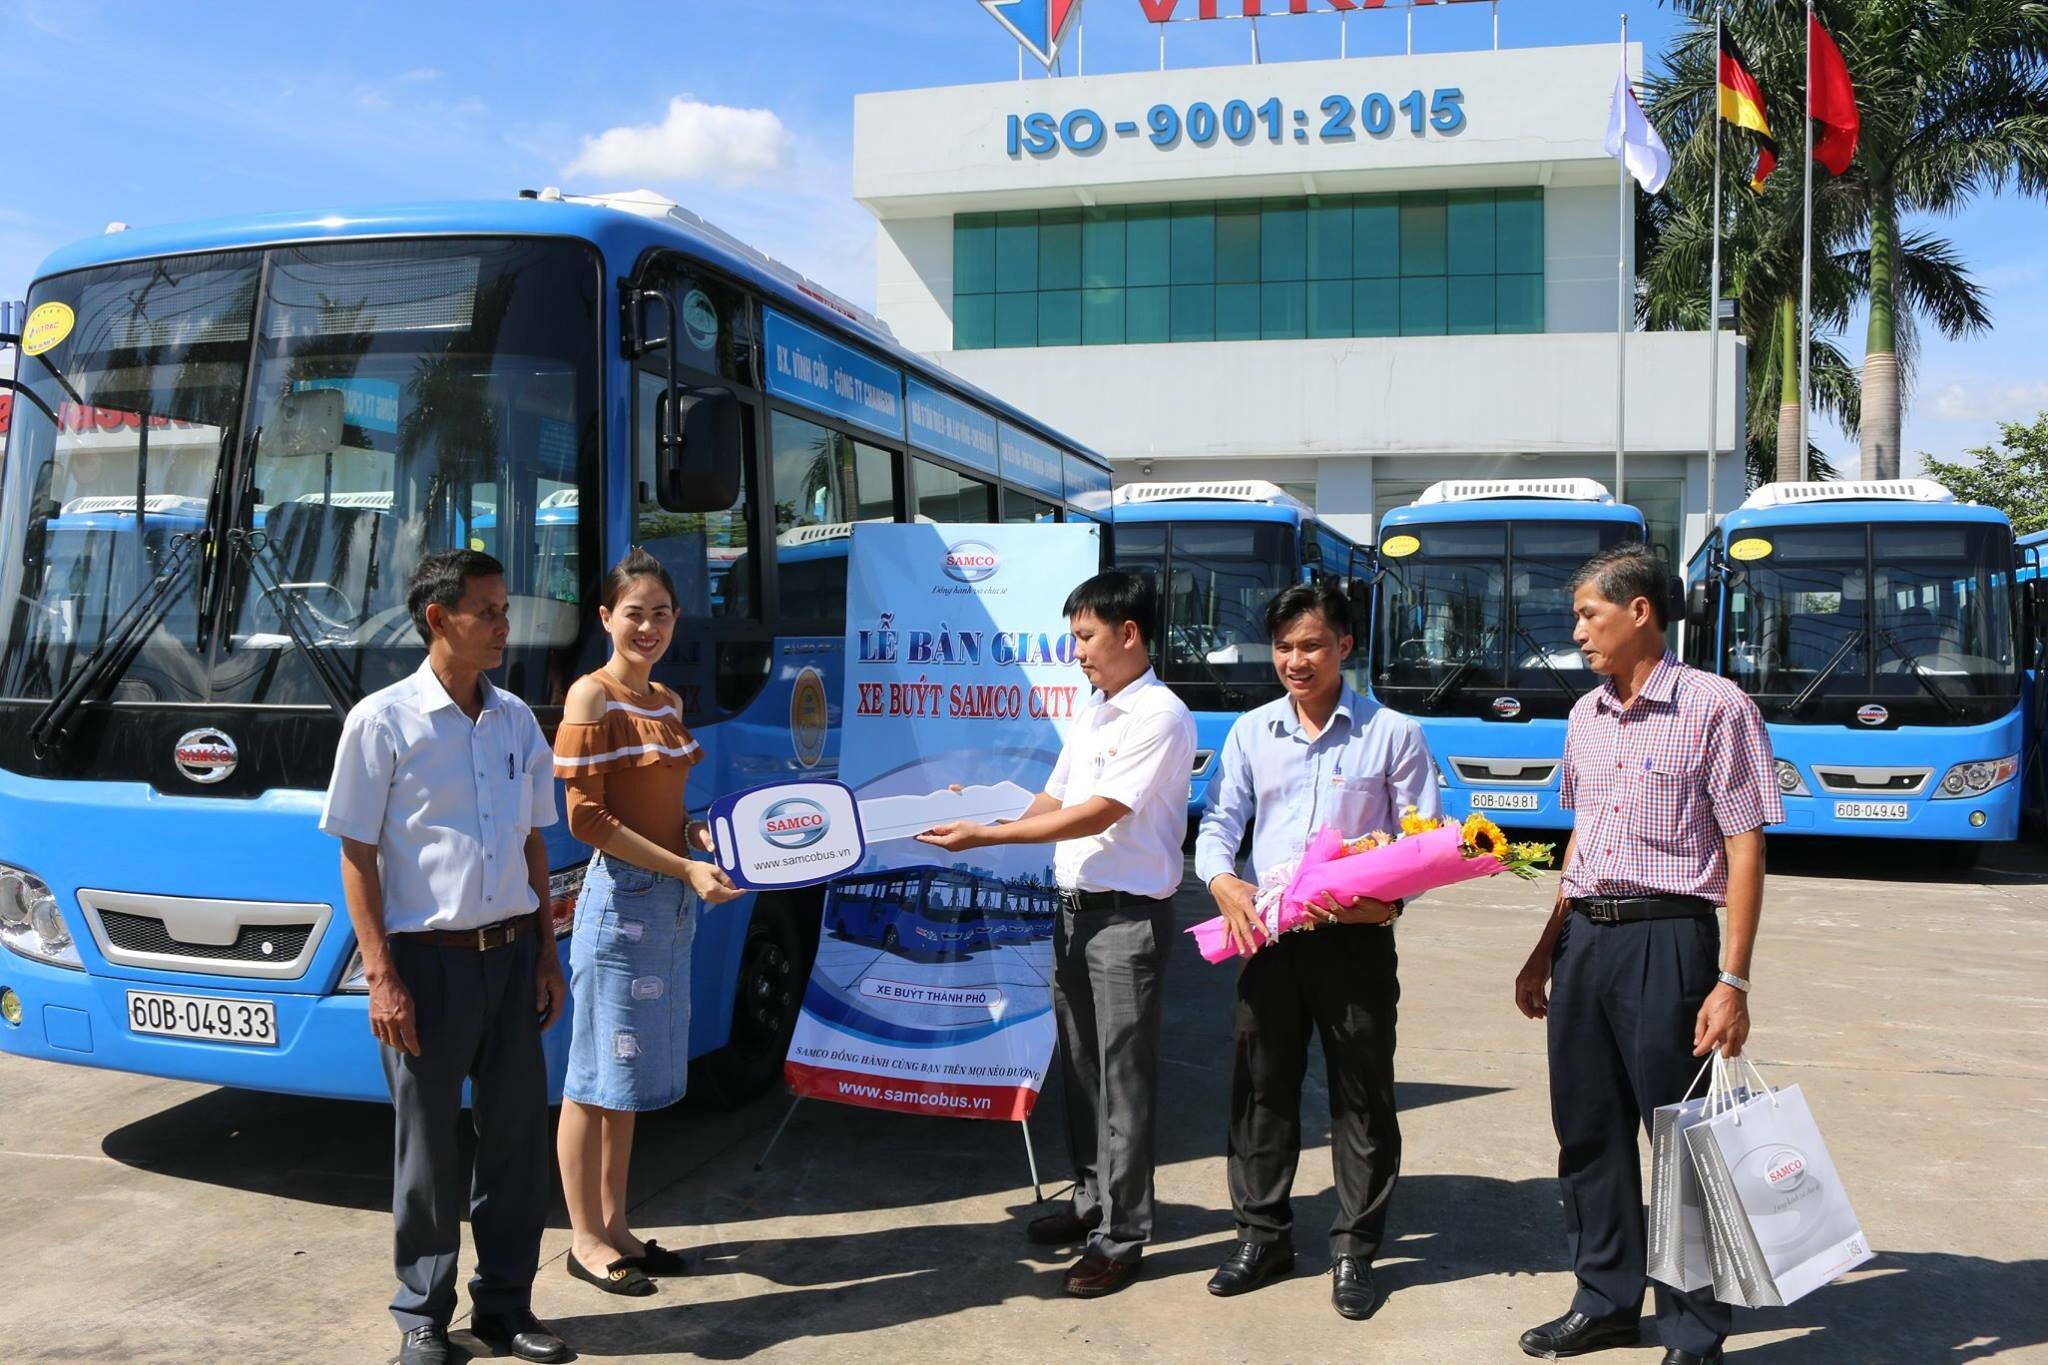 Hãng xe SAMCO tiến hành lễ bàn giao lô 12 xe buýt SAMCO CITY I.40